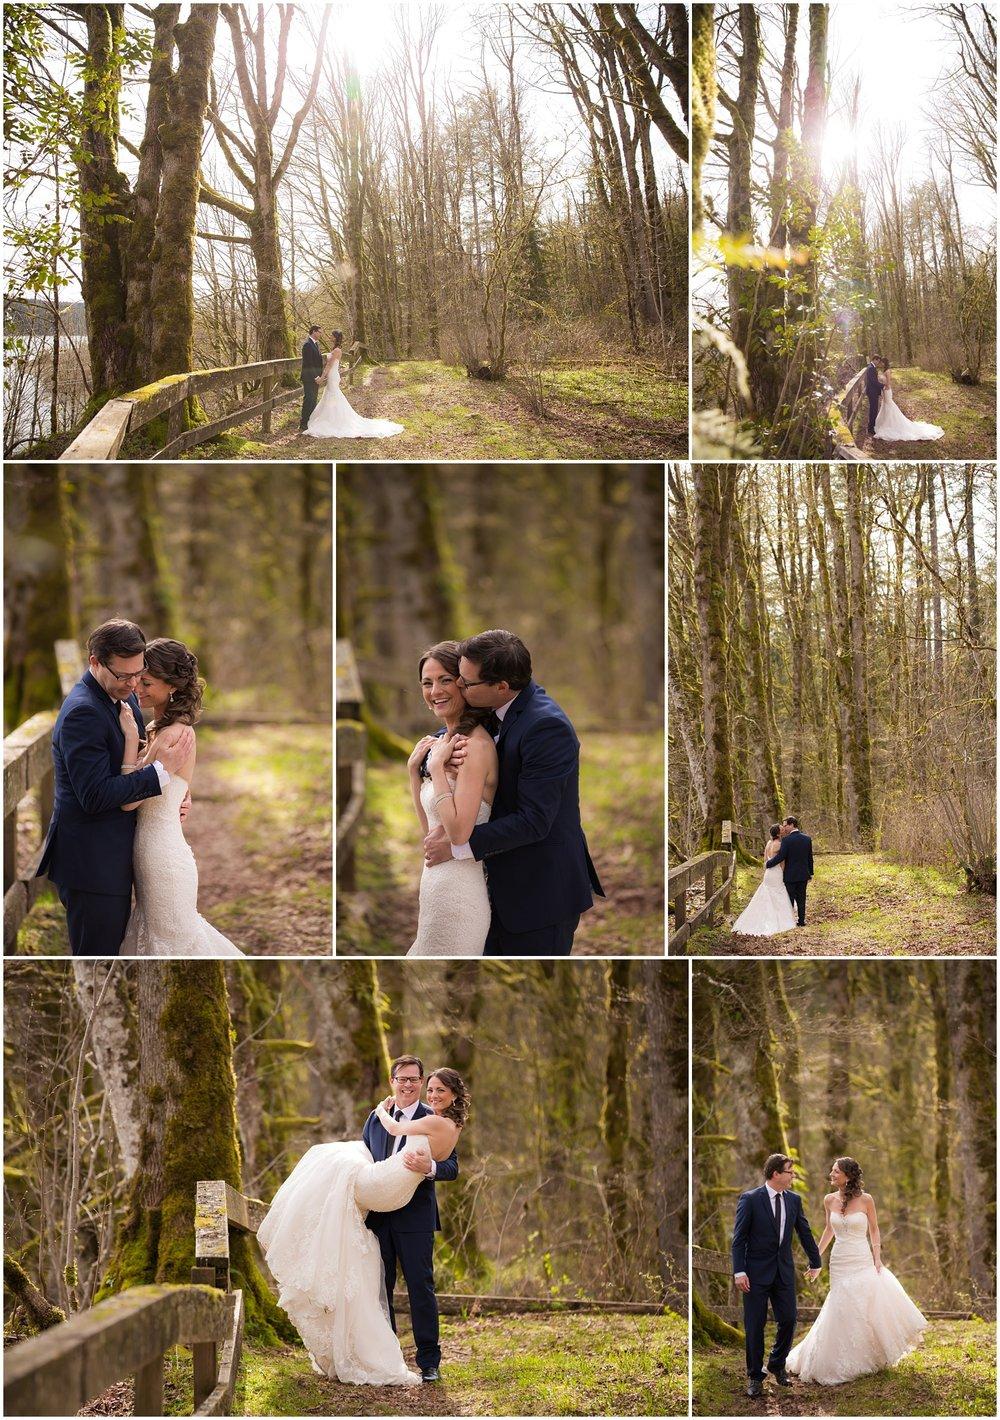 Amazing Day Photography - Mission Wedding Photographer - Hayward Lake Bridal Session - Langley Wedding Photographer (10).jpg